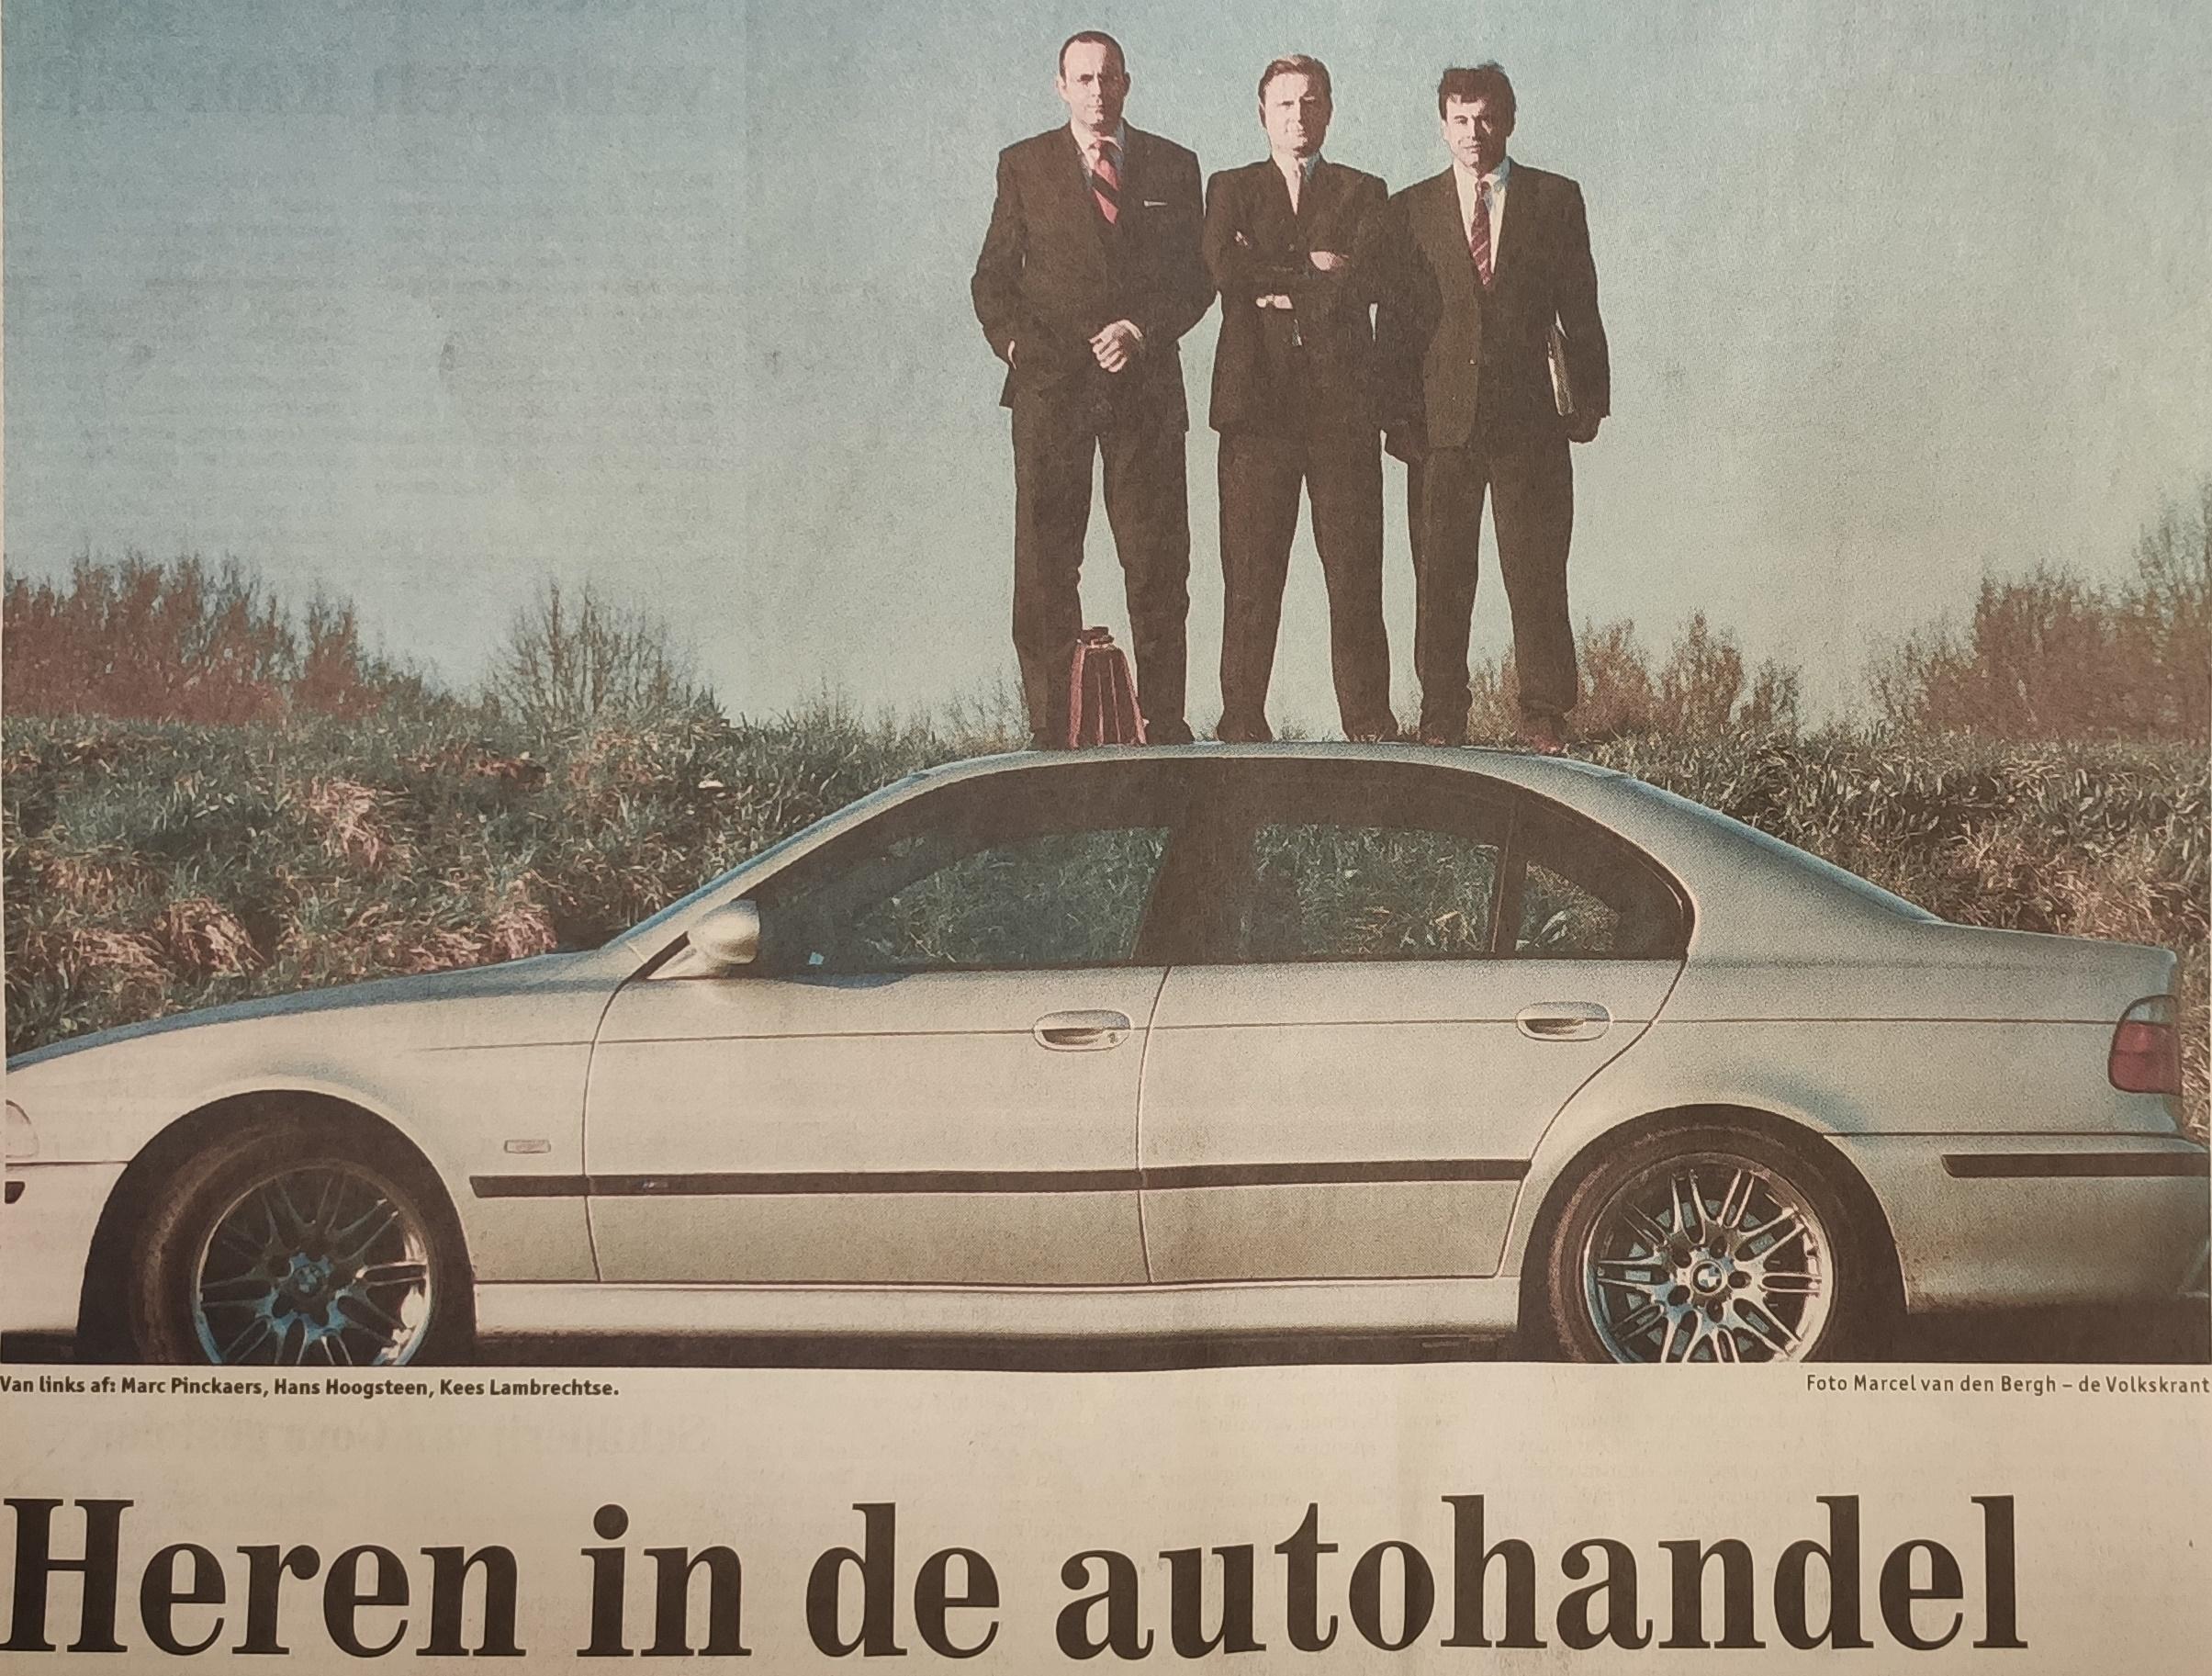 Ontstaansgeschiedenis Autoclick, heren in de autohandel